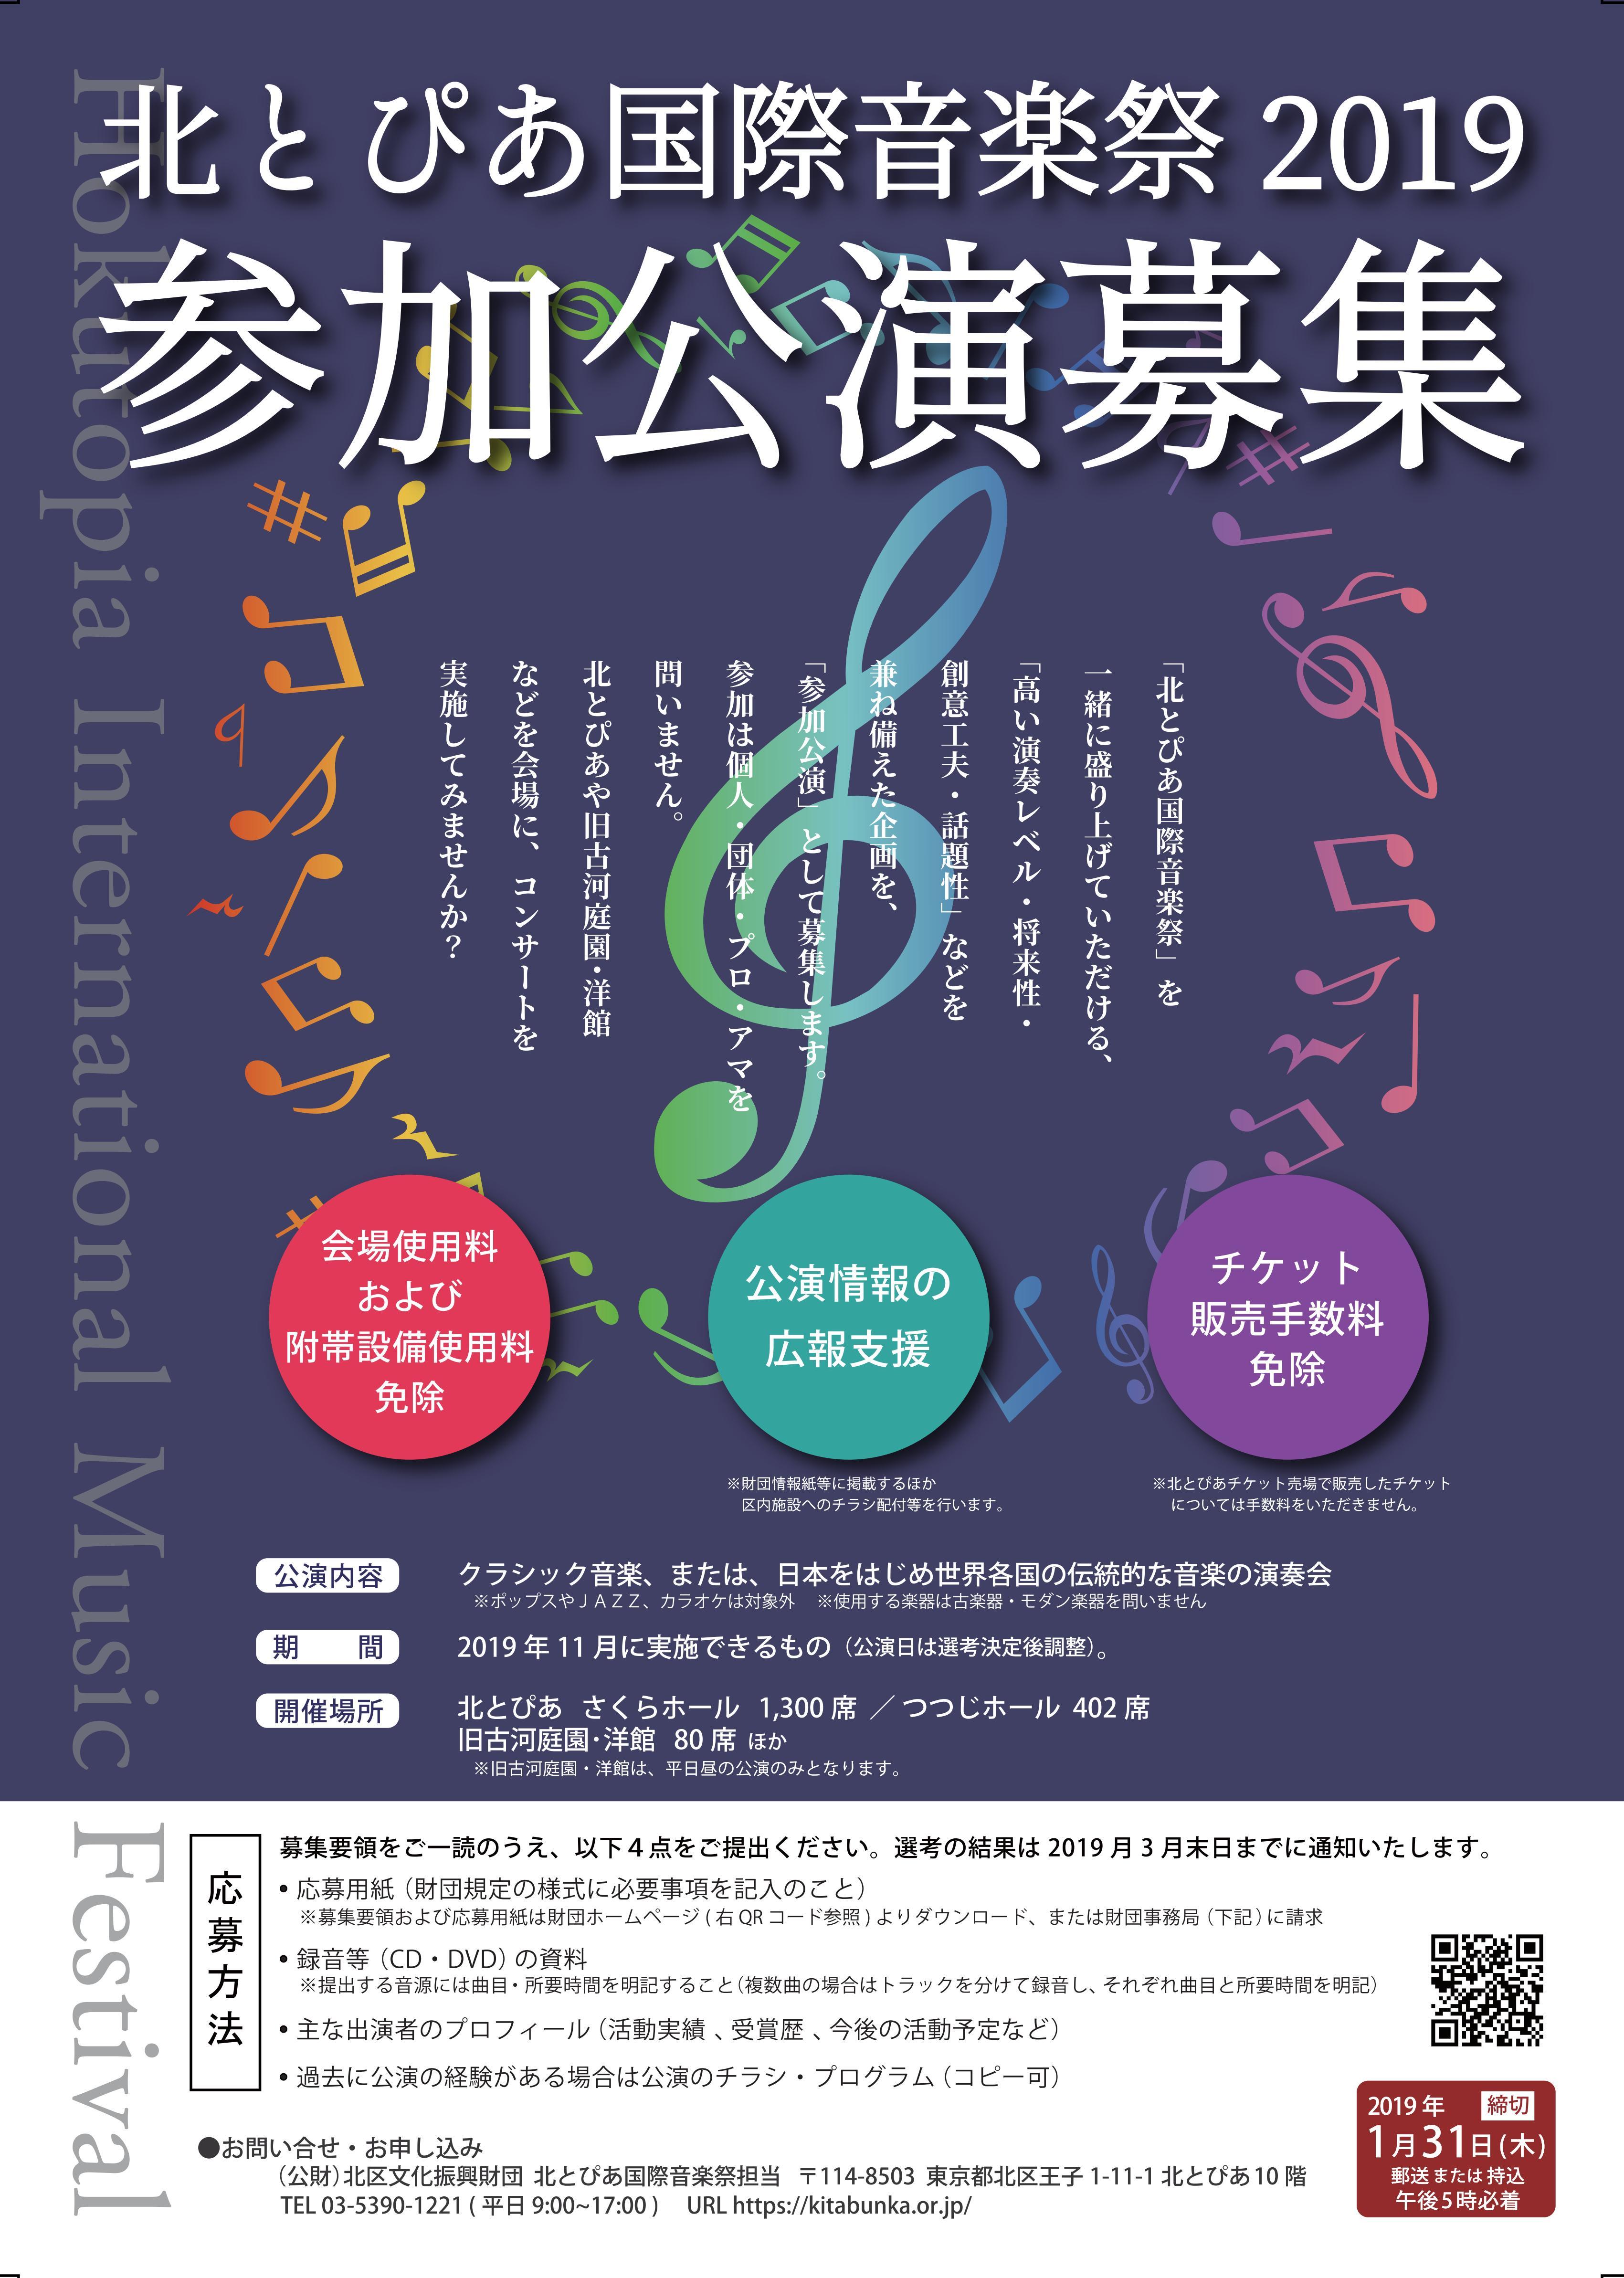 北とぴあ国際音楽祭2019参加公演募集中の画像